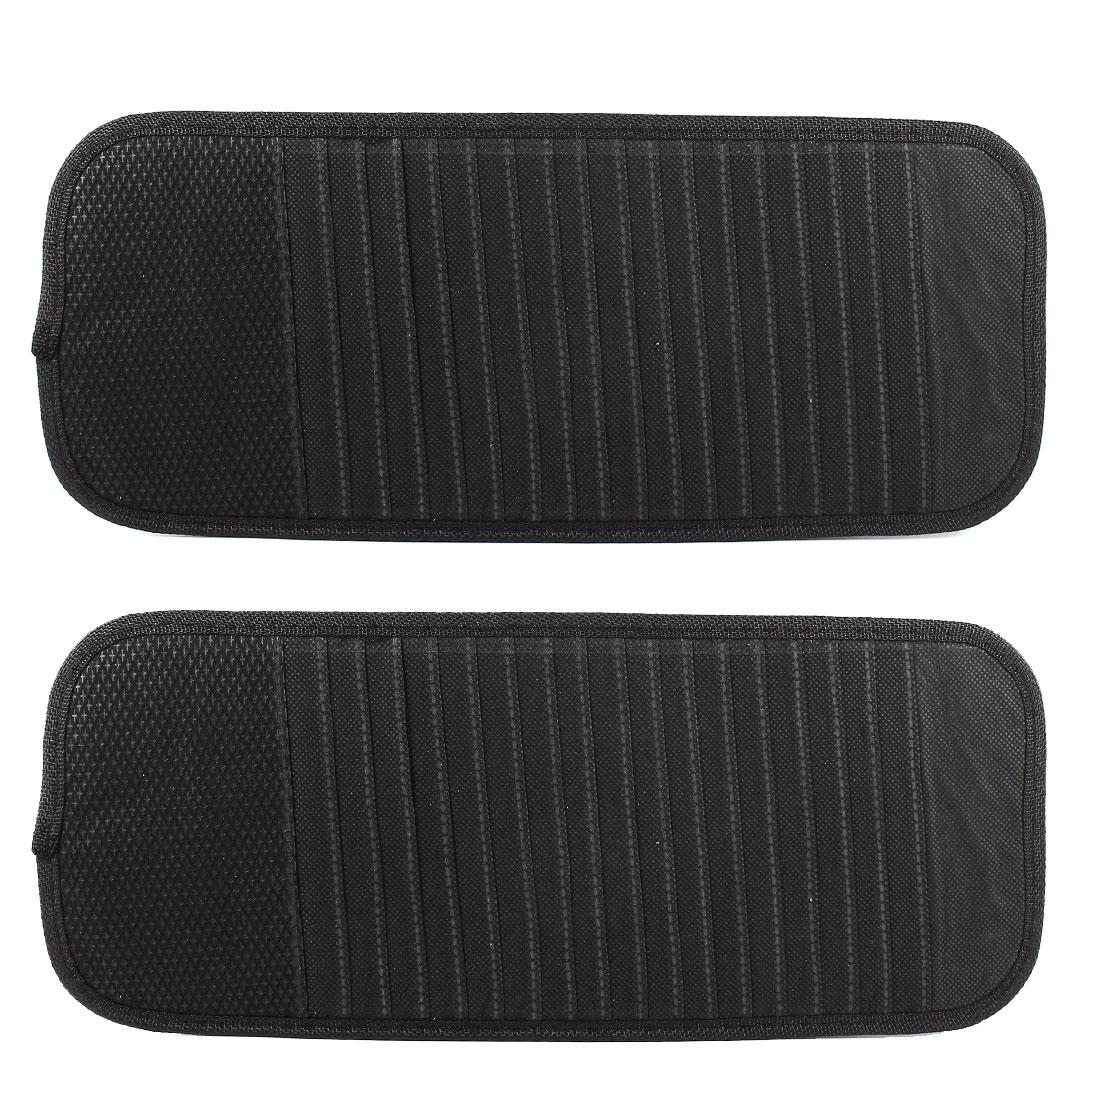 Car Vehicle 18 Slots CD DVD Disk Card Visor Case Holder Clipper Bag Black 2pcs